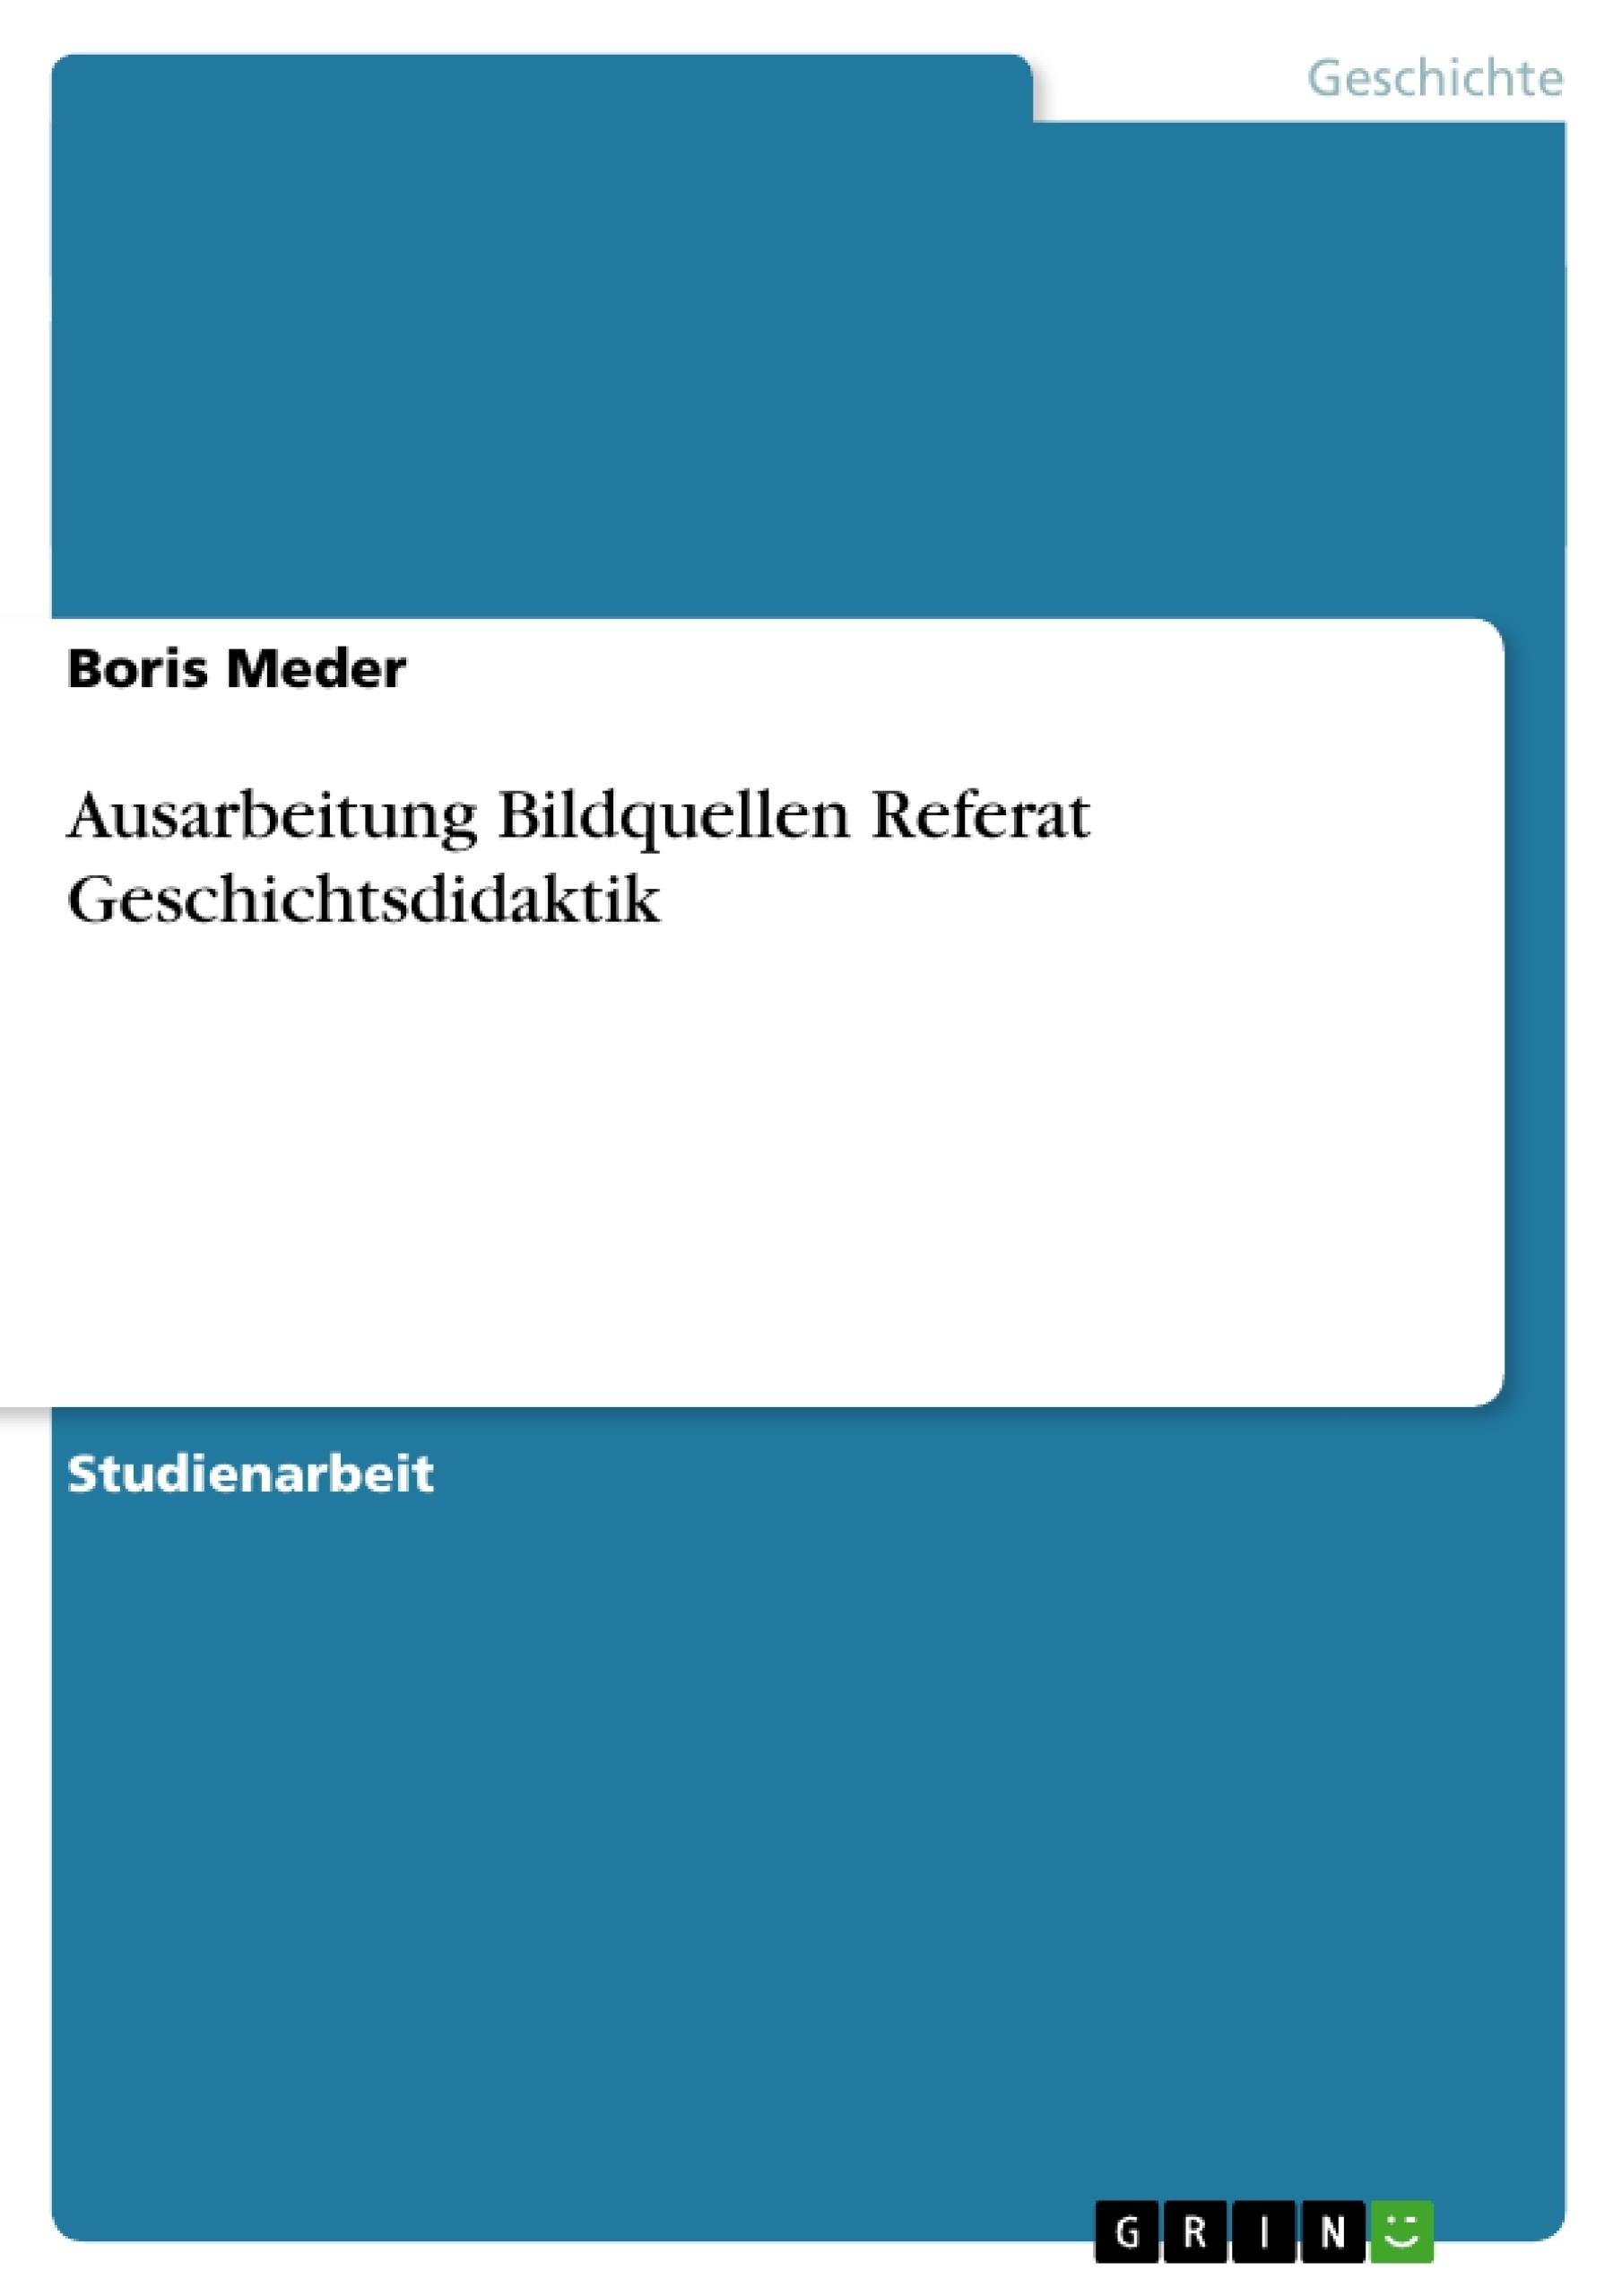 Titel: Ausarbeitung Bildquellen Referat Geschichtsdidaktik